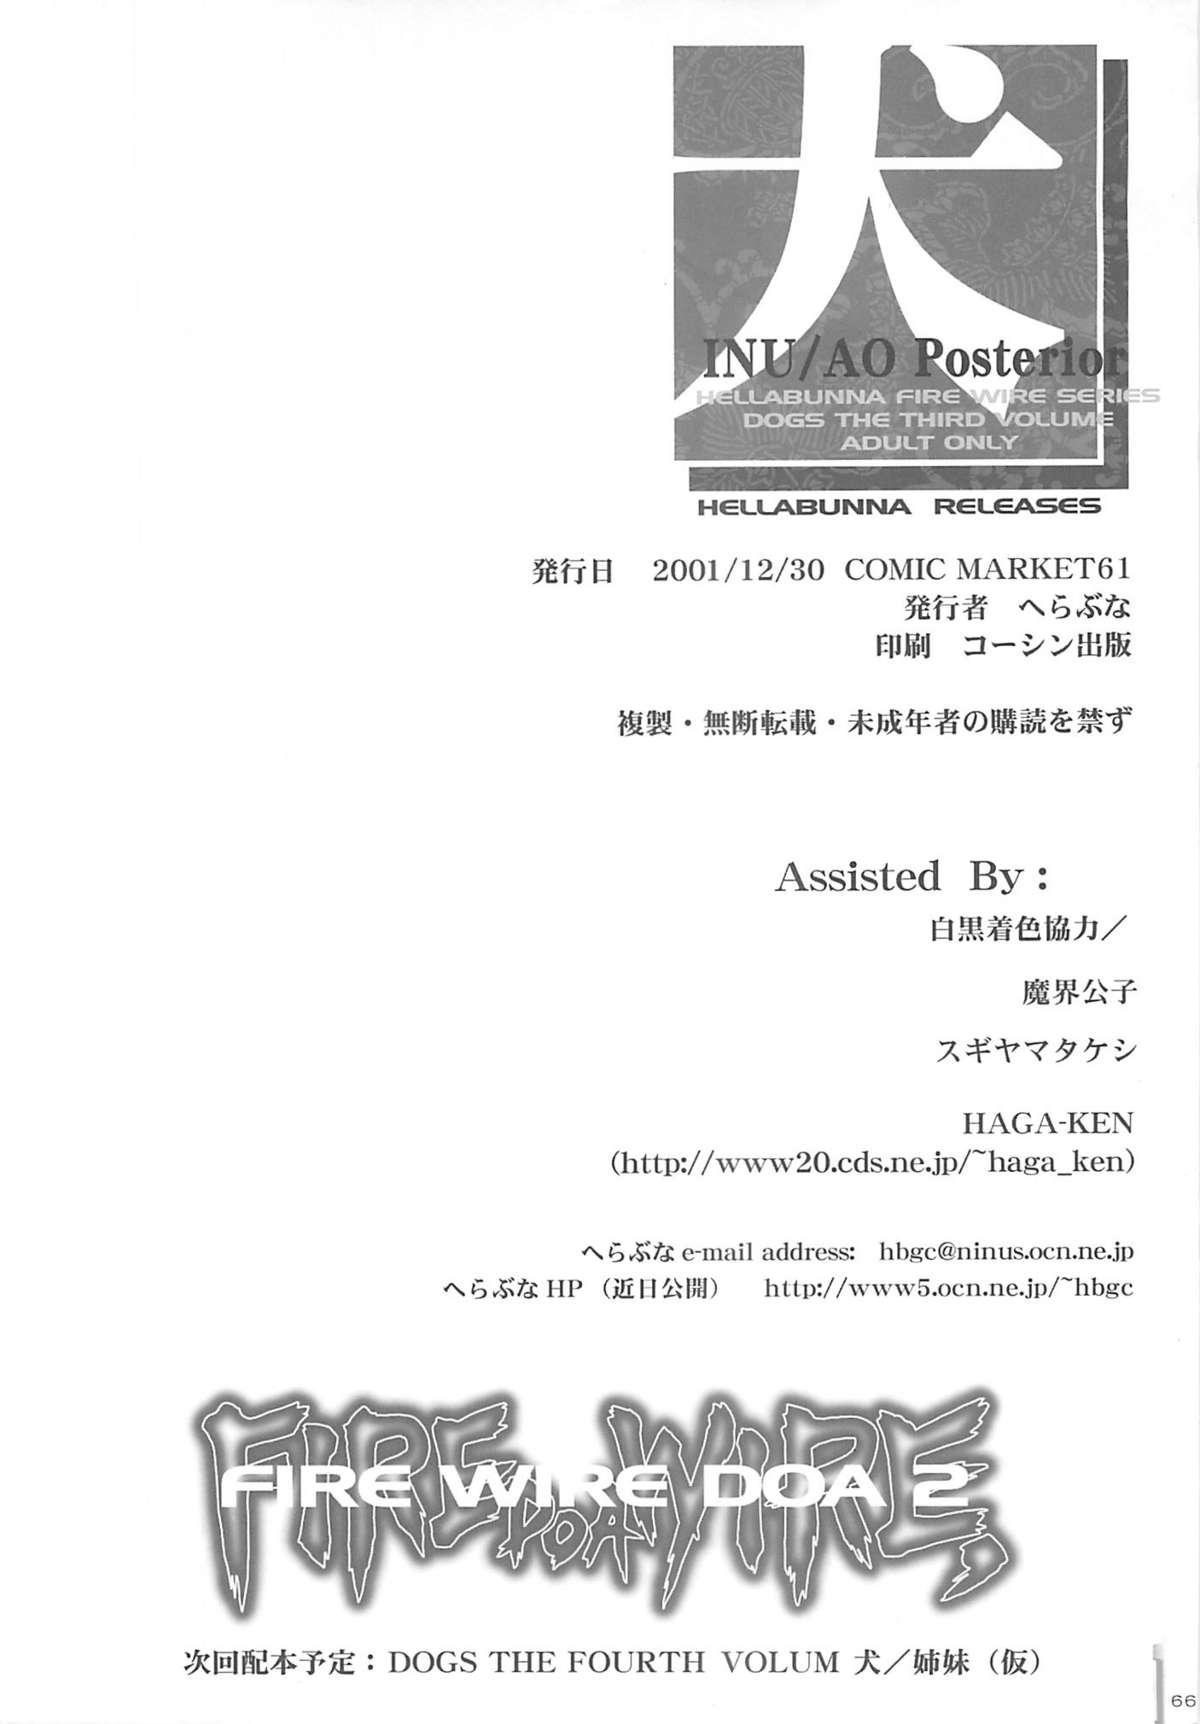 INU/AO Posterior 64